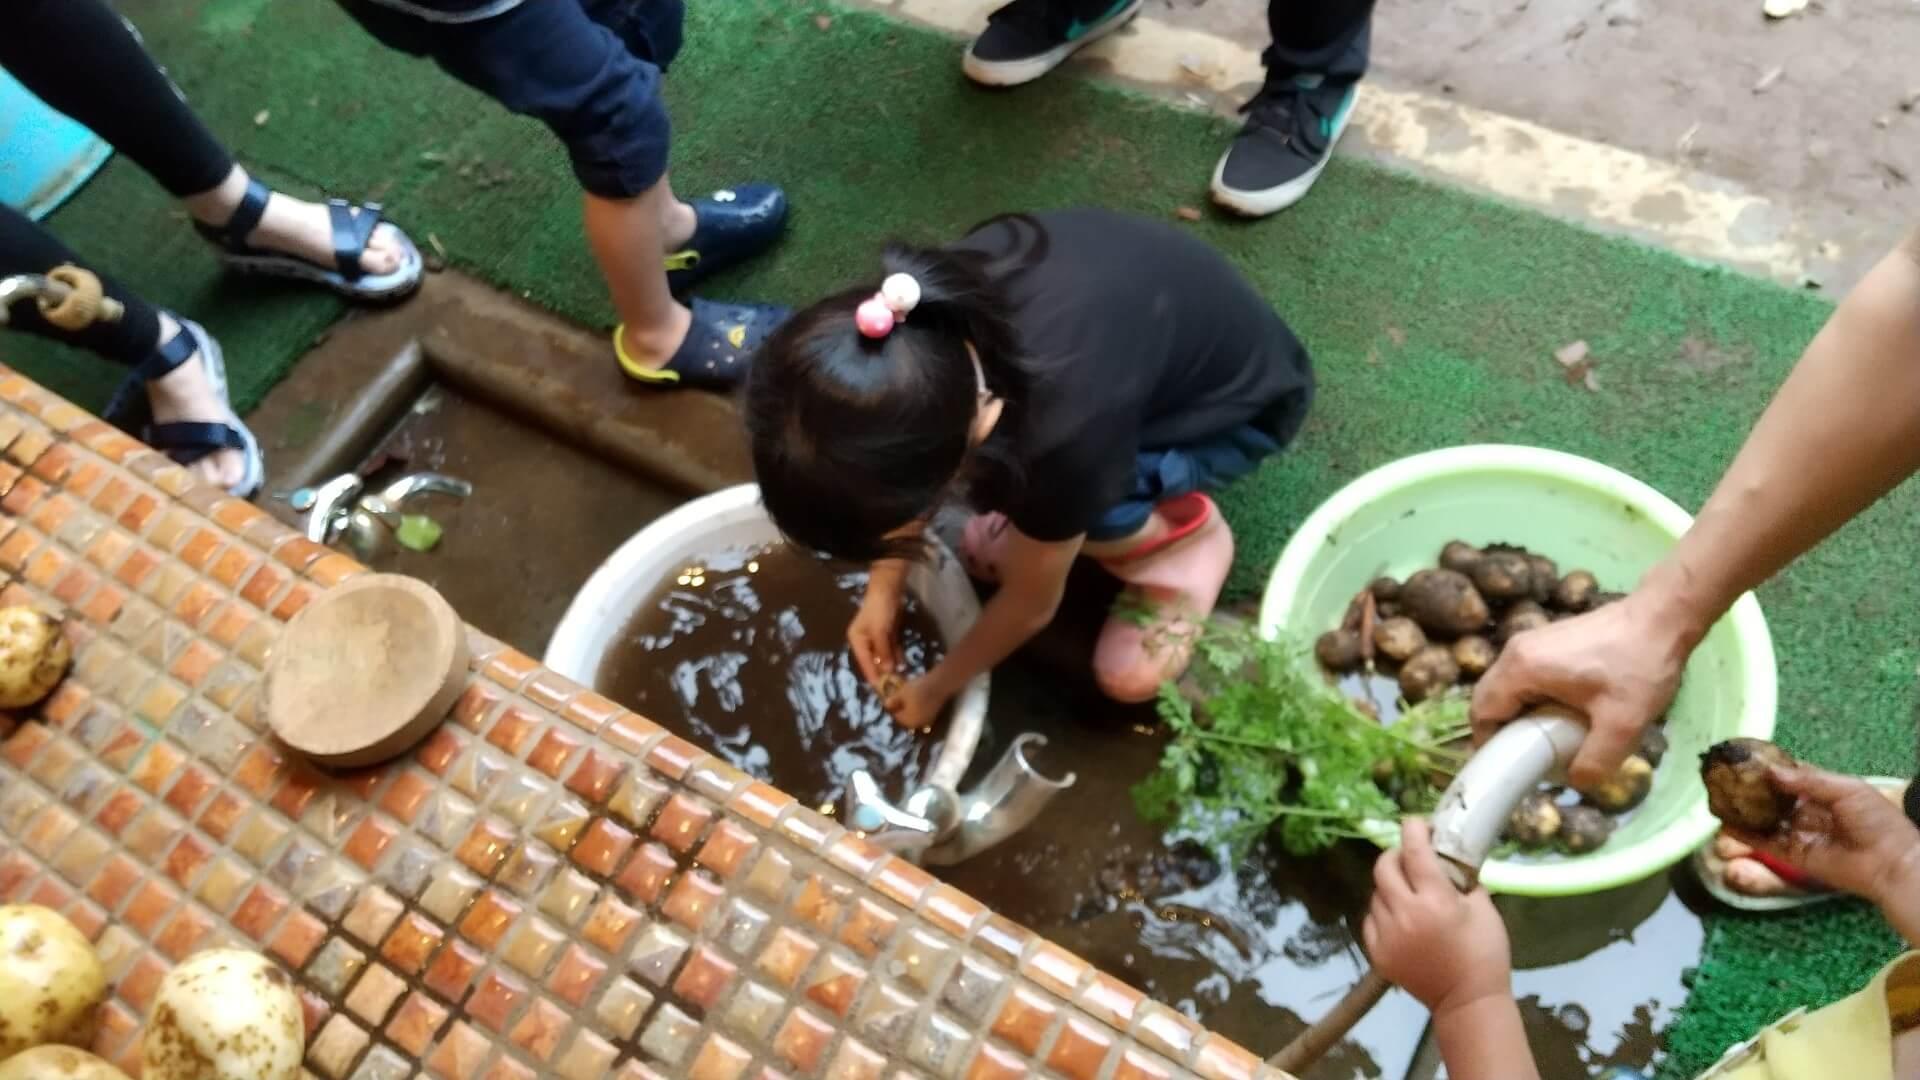 じゃがいもを洗う子ども